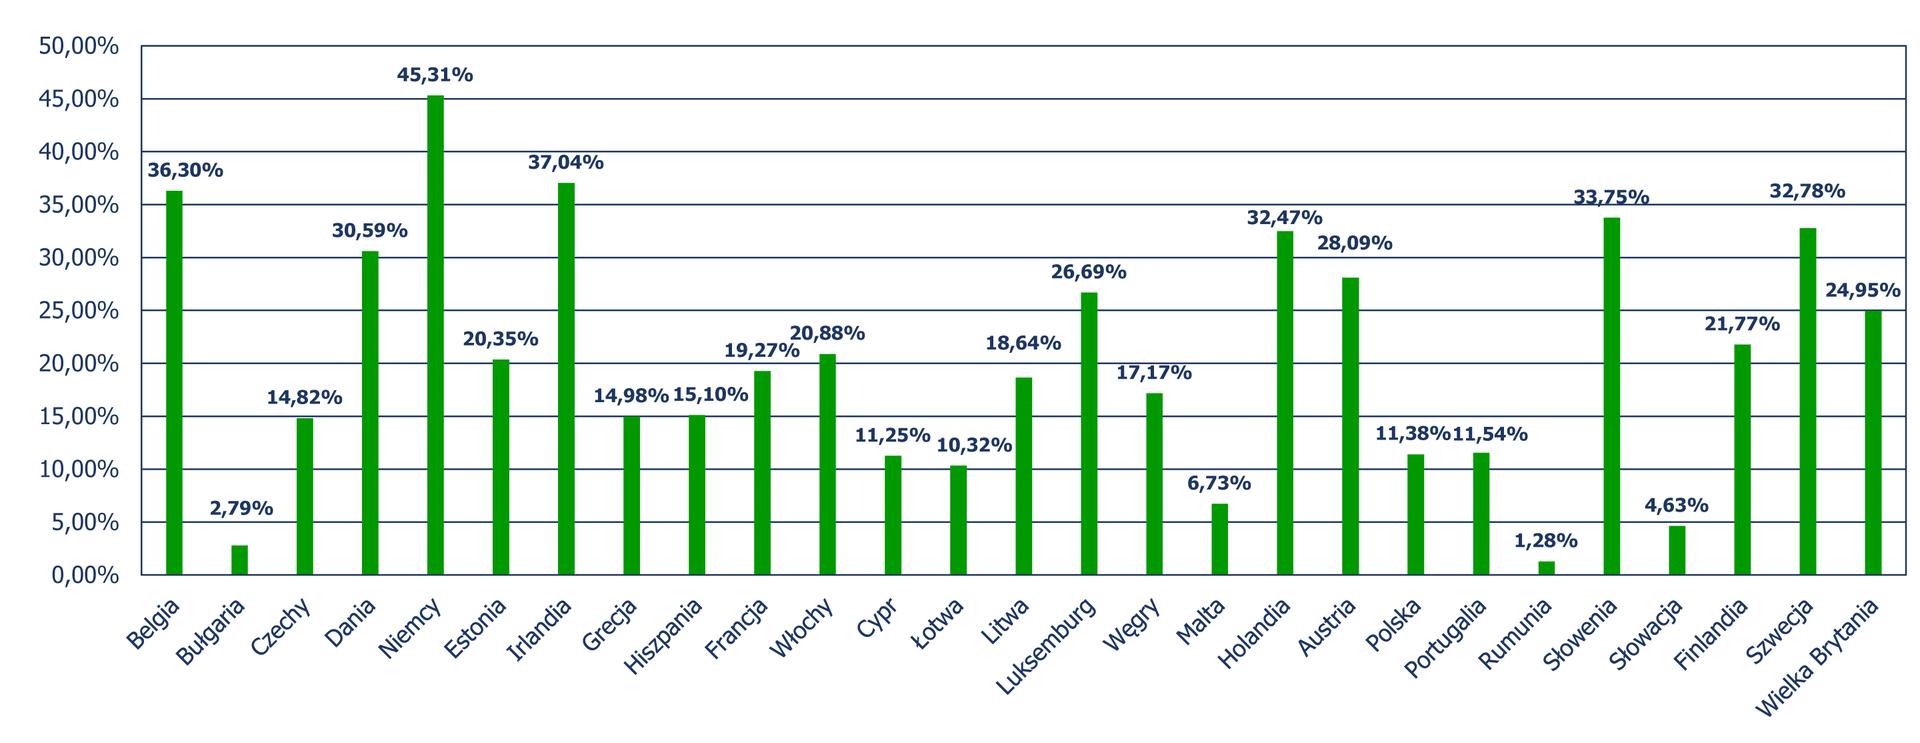 Diagram słupkowy pionowy (słupki ułożone pionowo), zktórego odczytujemy procent recyklingu odpadów komunalnych wstosunku do odpadów zebranych wposzczególnych krajach Unii Europejskiej. Belgia – 36,30%, Bułgaria – 2,79%, Czechy – 14,82%, Dania – 30,59%, Niemcy – 45,31%, Estonia – 20,35%, Irlandia – 37,04%, Grecja – 14,98%, Hiszpania – 15,10%, Francja – 19,27%, Włochy – 20,88%, Cypr – 11,25%, Łotwa – 10,32%, Litwa – 18,64%, Luksemburg – 26,69%, Węgry – 17,17%, Malta- 6,73%, Holandia – 32,47%, Austria – 28,09%, Polska – 11,38%, Portugalia – 11,54%, Rumunia – 1,28%, Słowenia – 33,75%, Słowacja – 33,75%, Słowacja - 4,63%, Finlandia – 21,77%, Szwecja – 32,78%, Wielka Brytania – 24,95%.